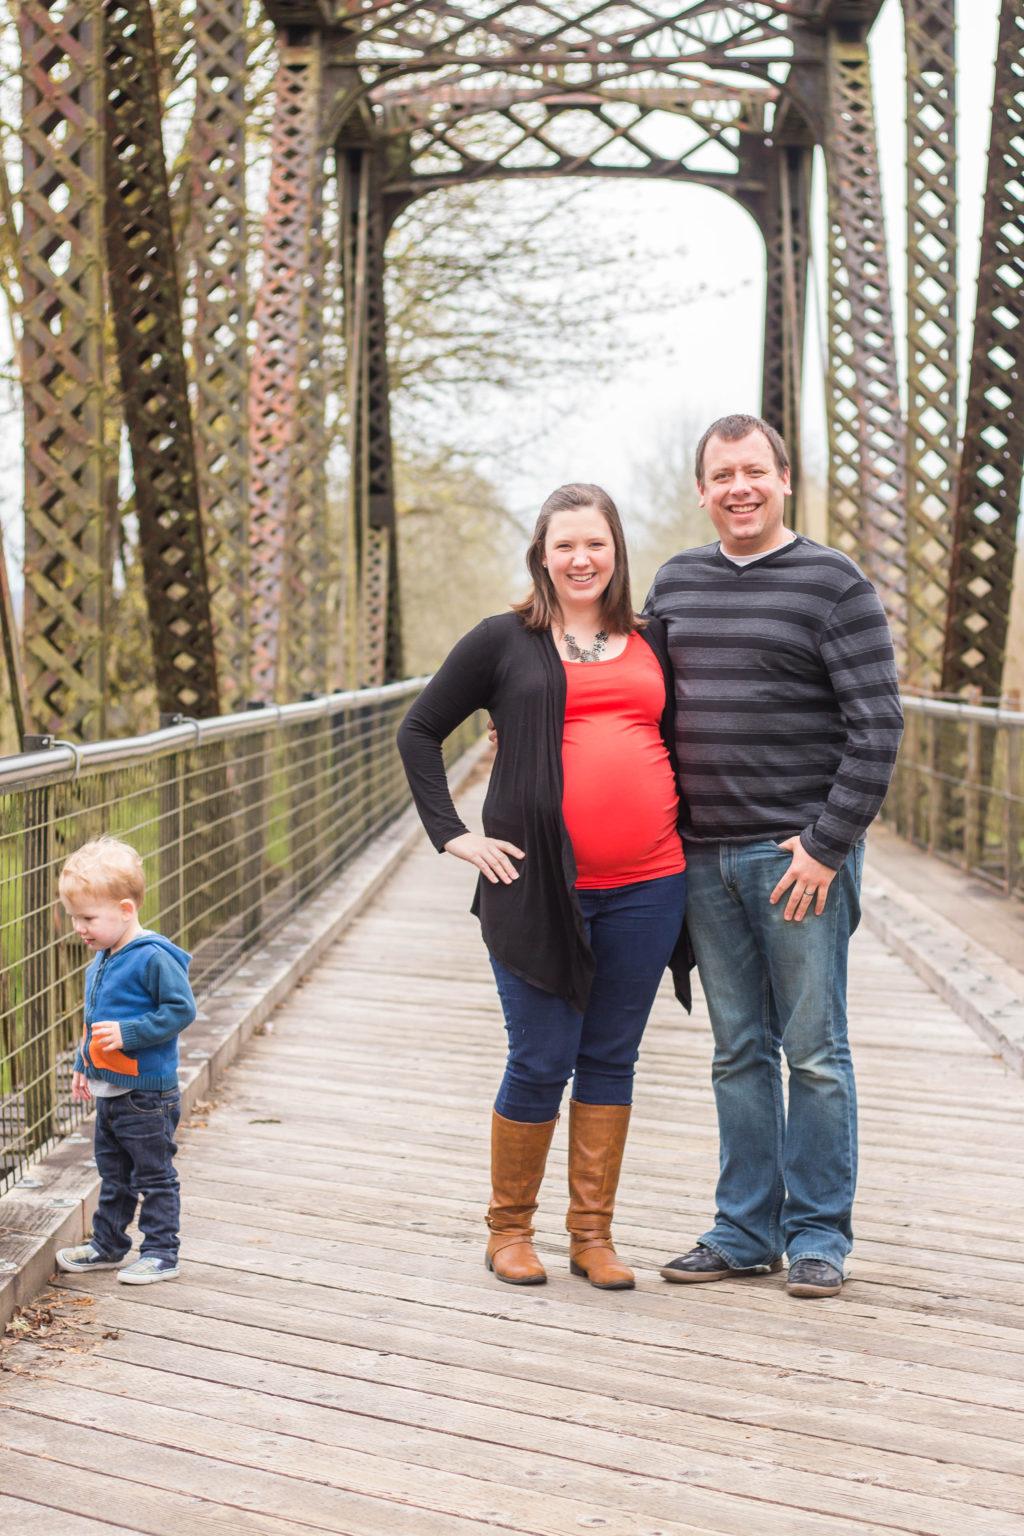 Adorable maternity photos!